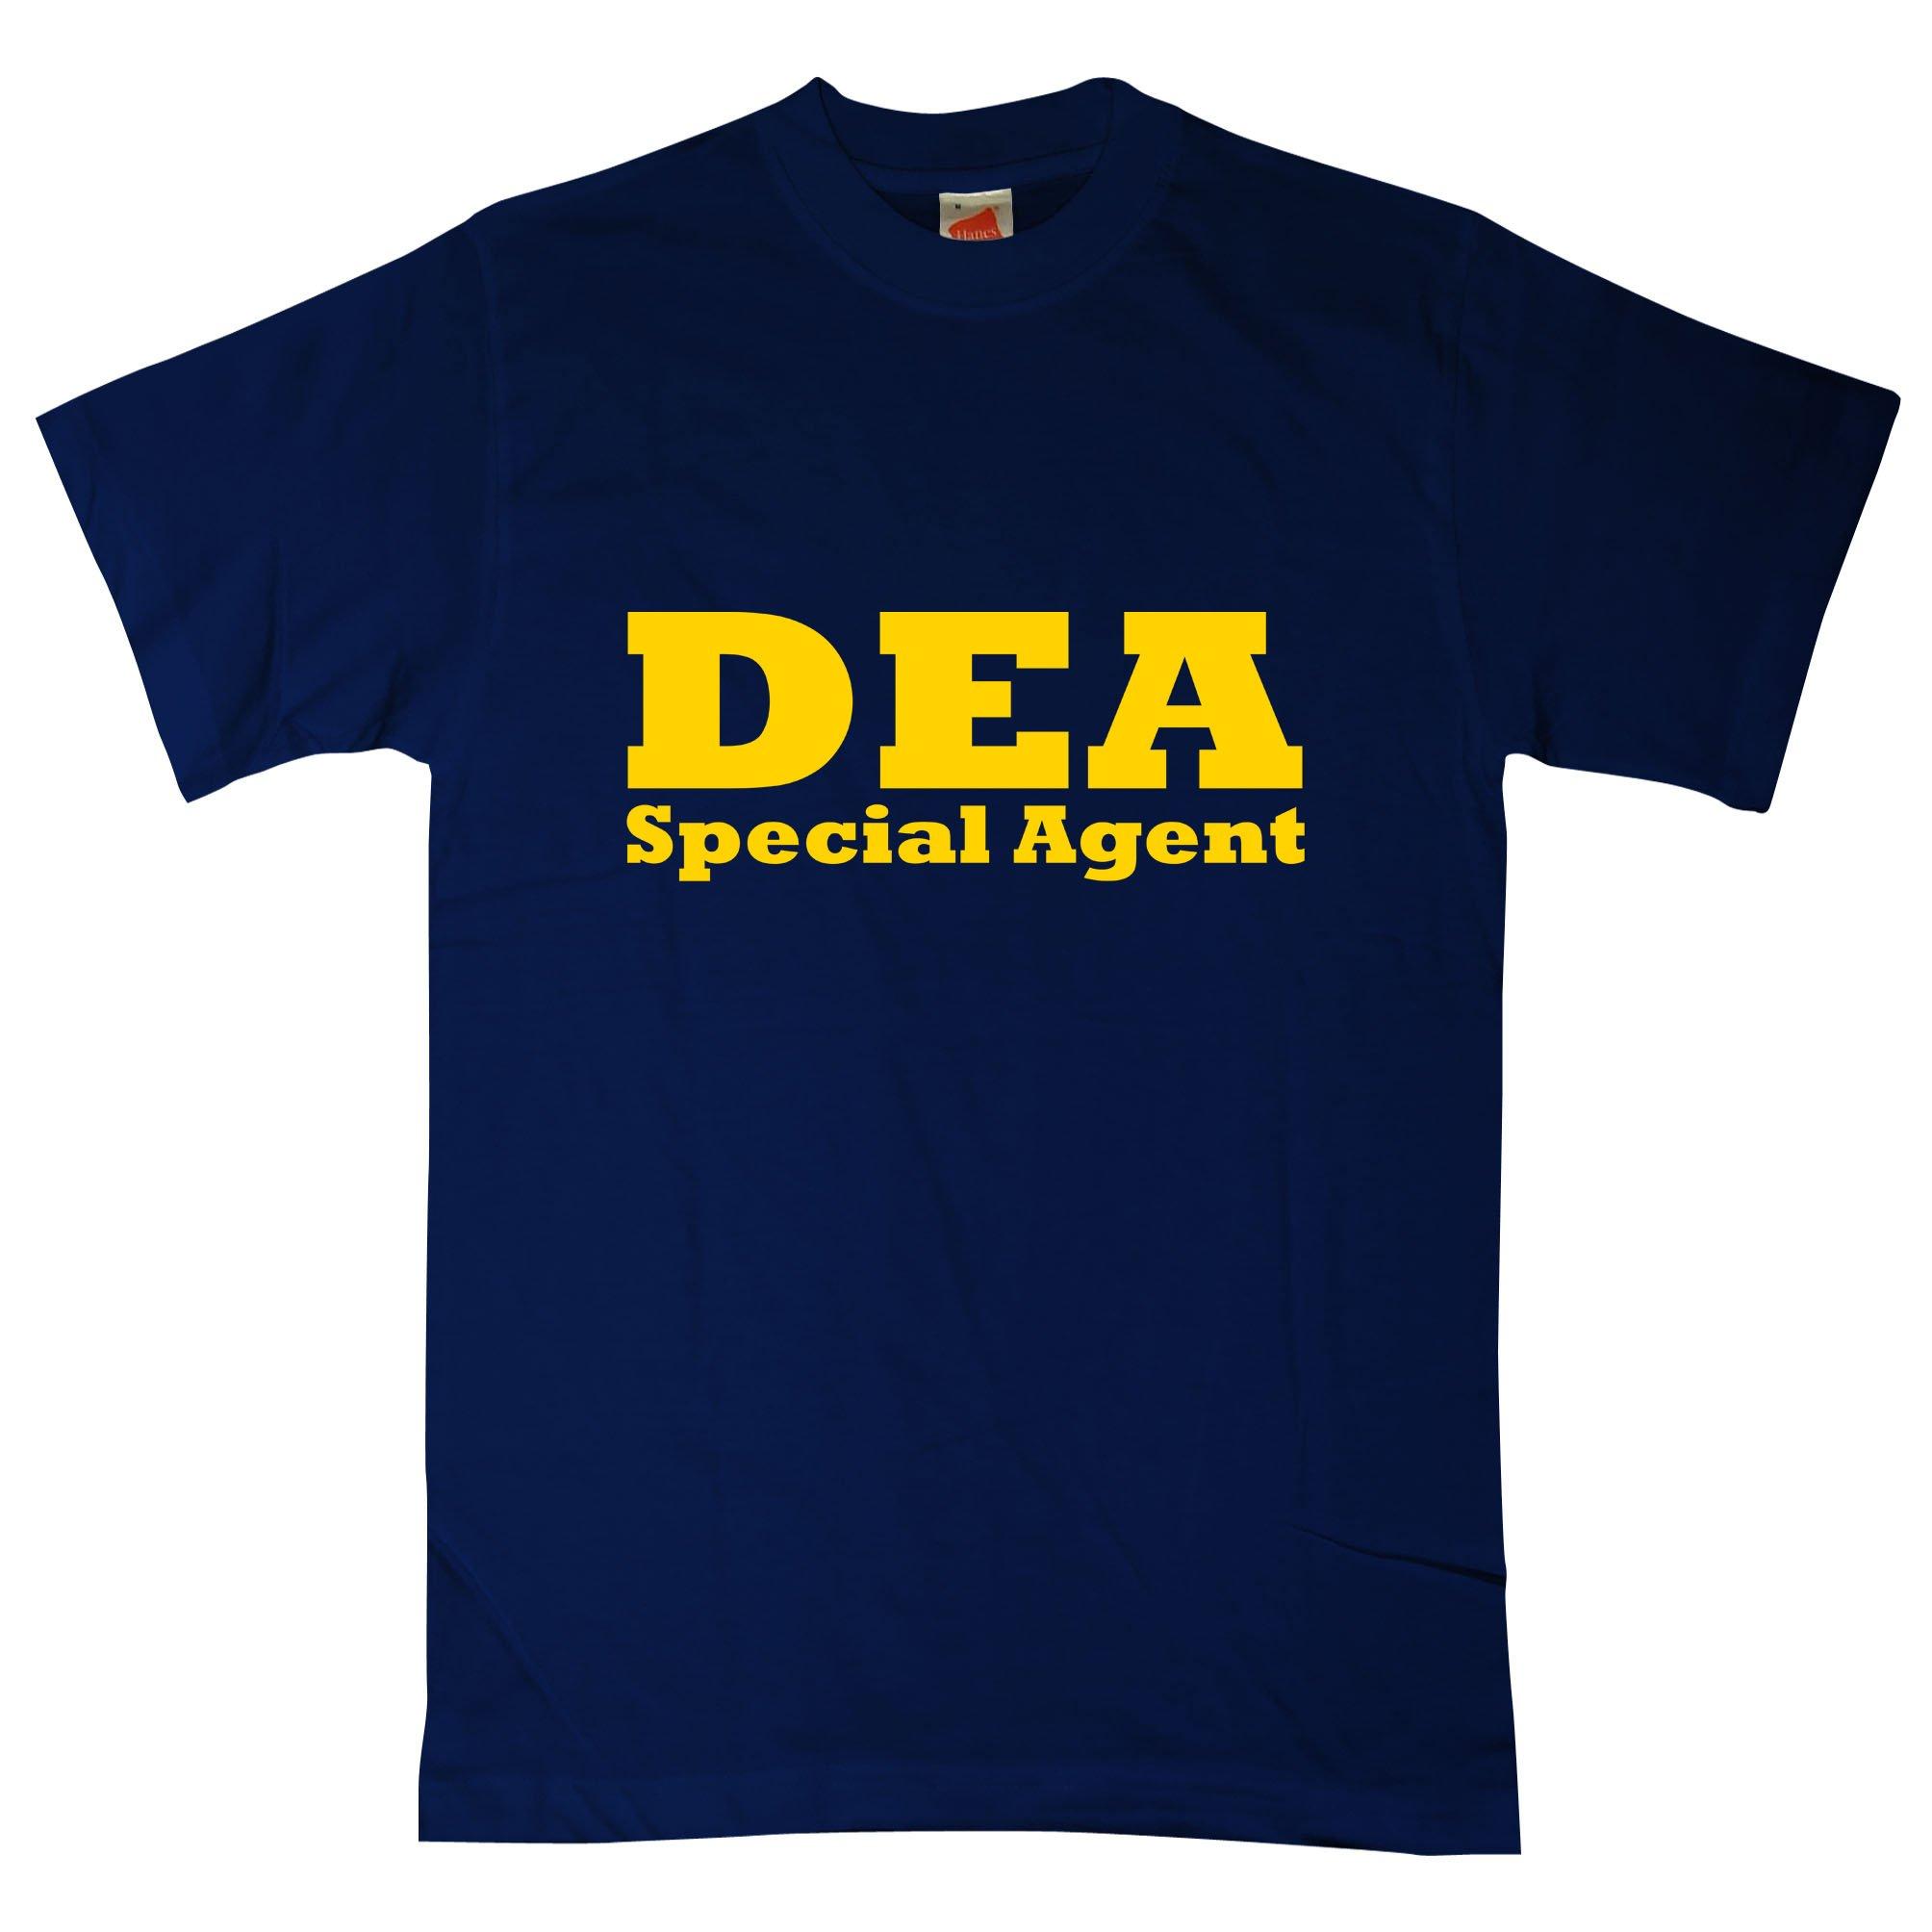 S Dea T Shirt Dea Special Agent 8ball Originals Tees